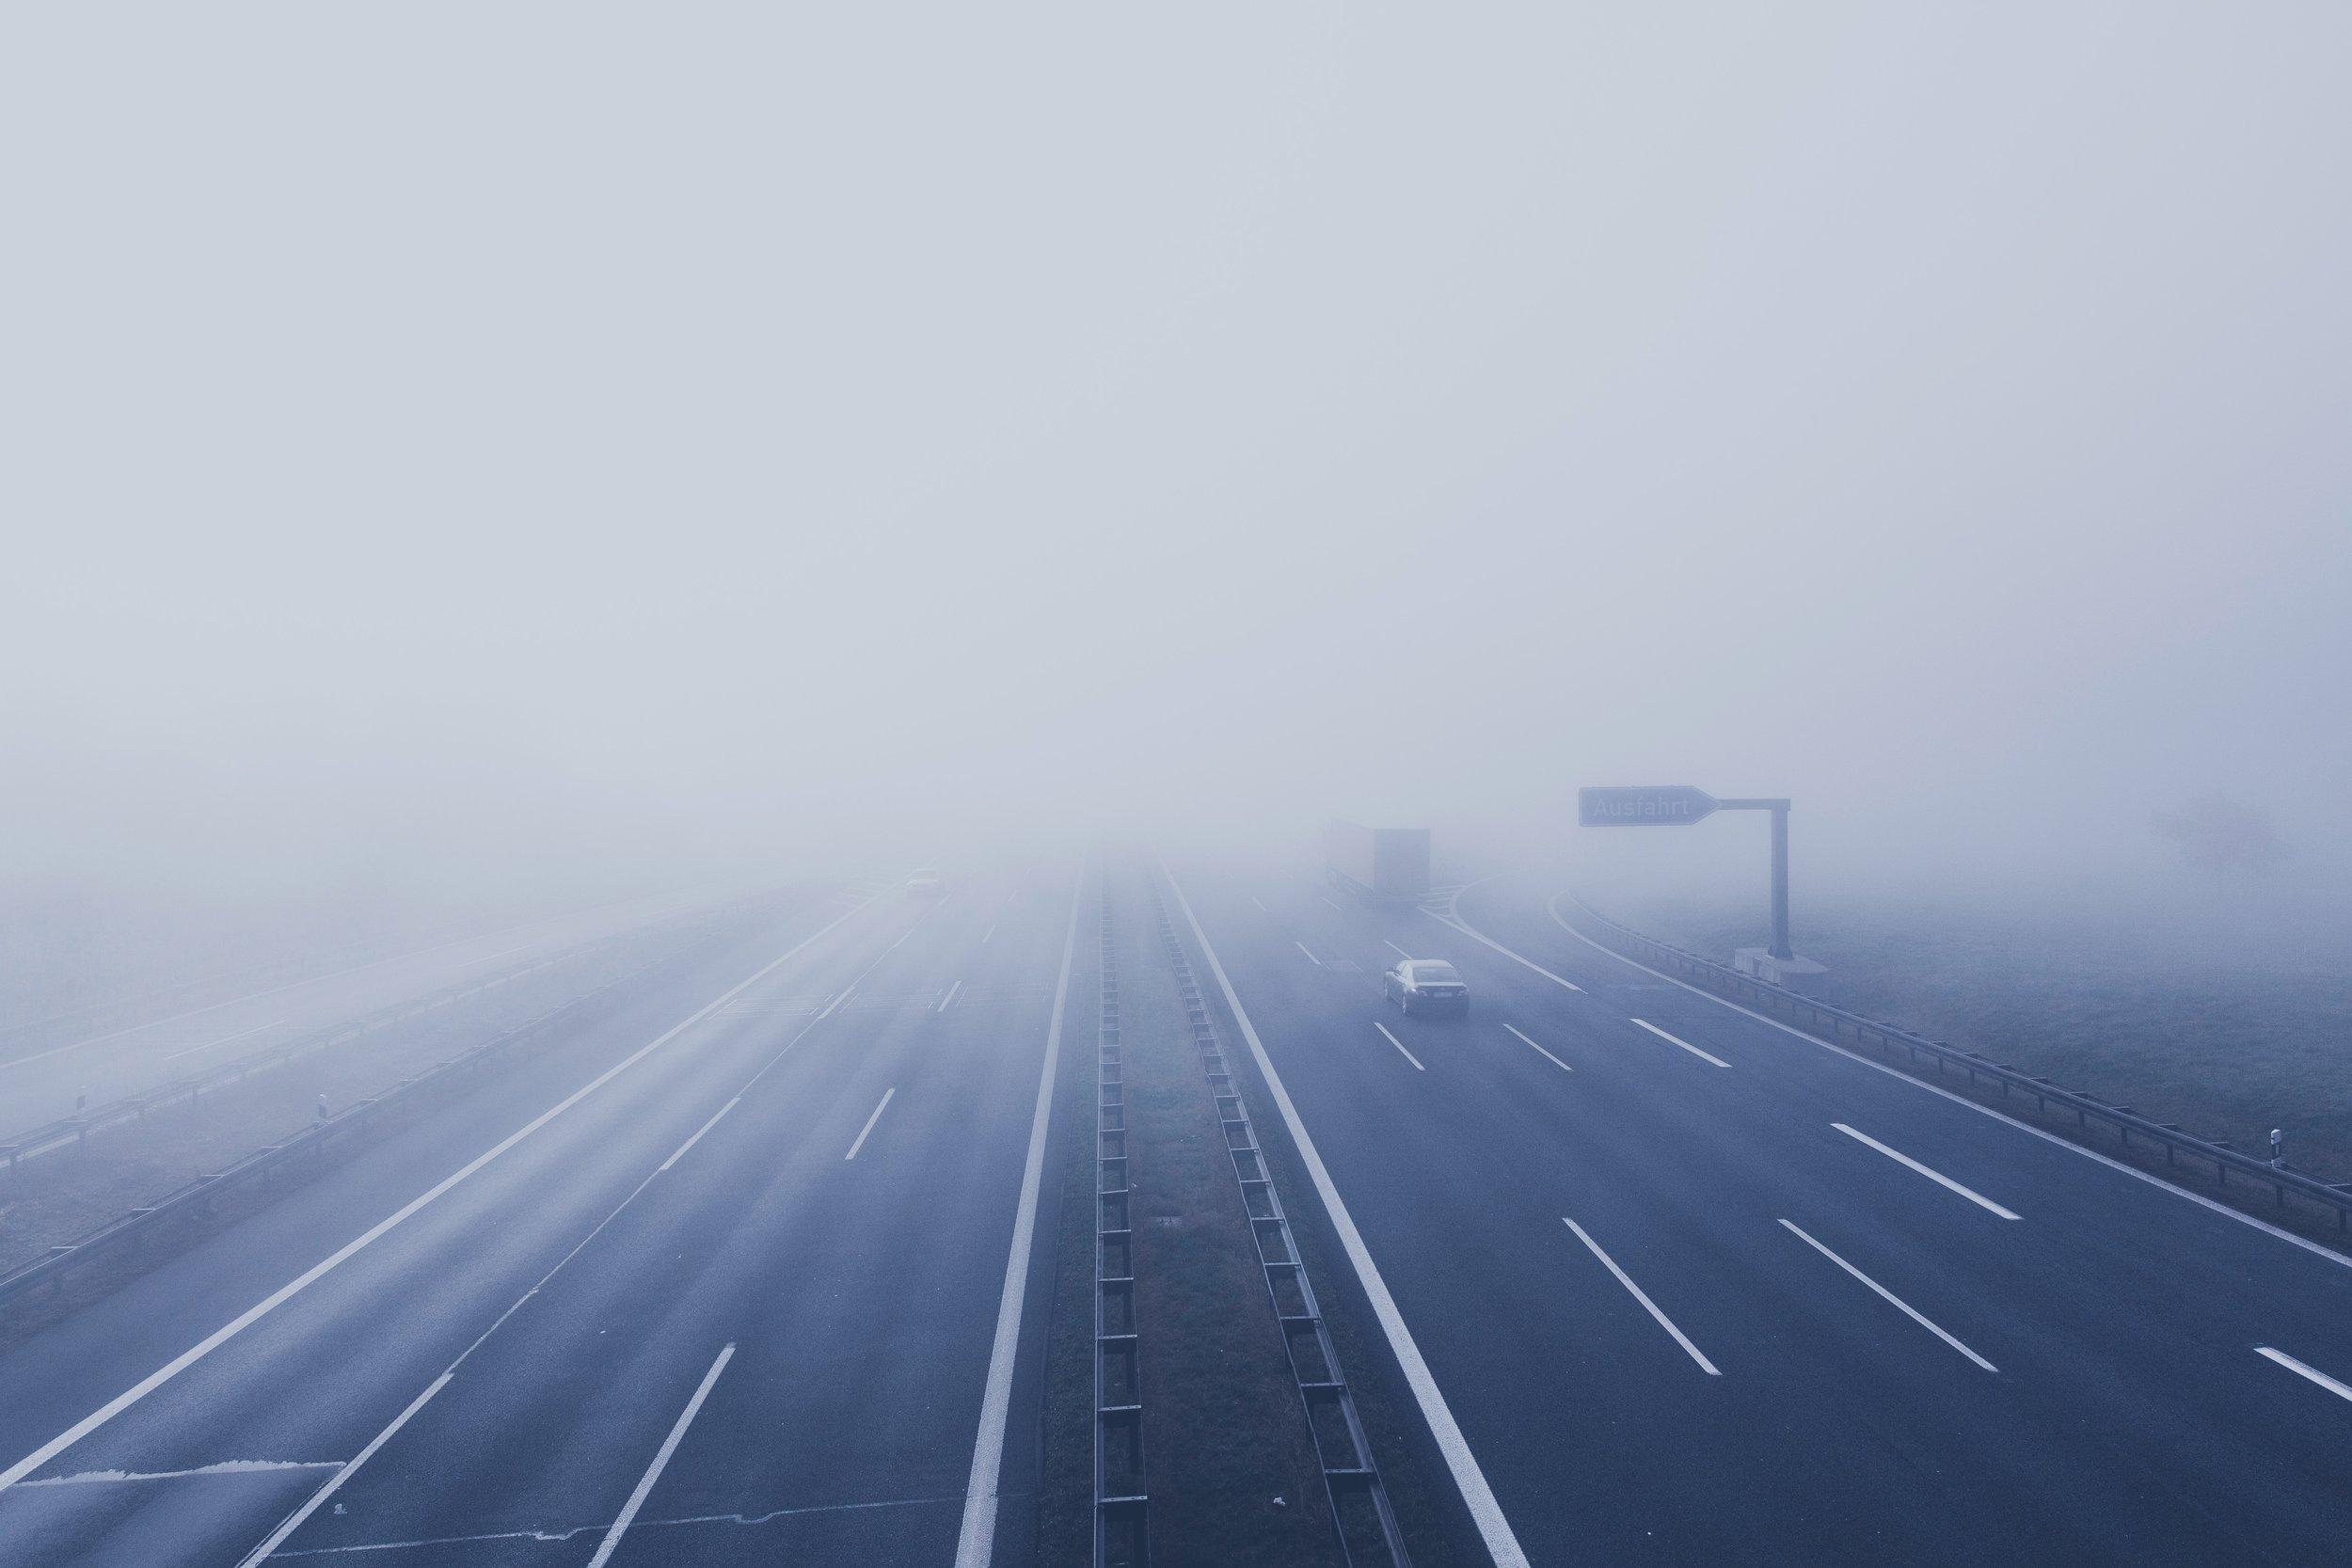 asphalt-auto-automobile-226460.jpg